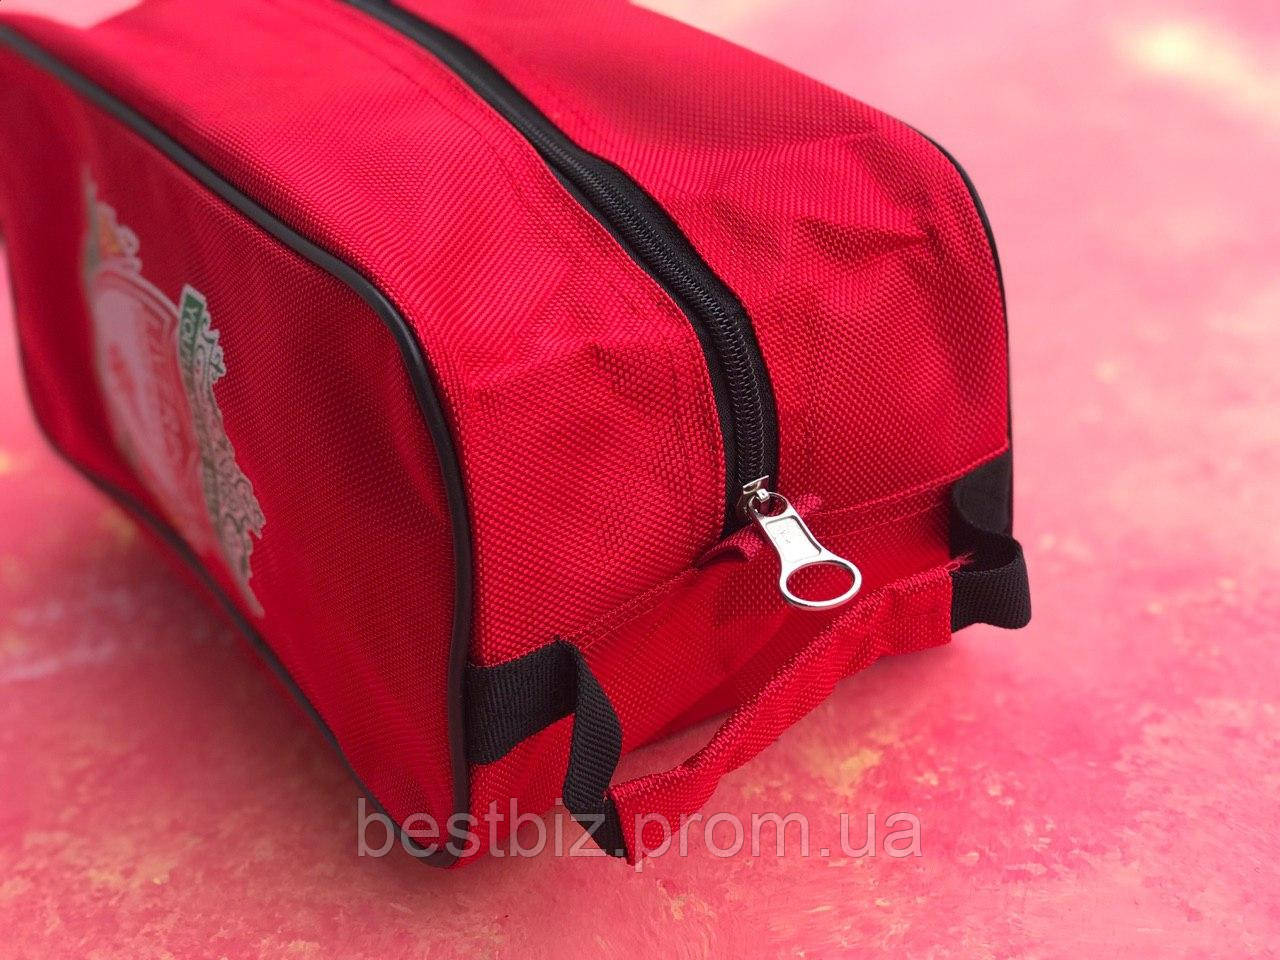 Спортивна Сумка для взуття FC Liverpool/сумка для футболіста/Ліверпуль